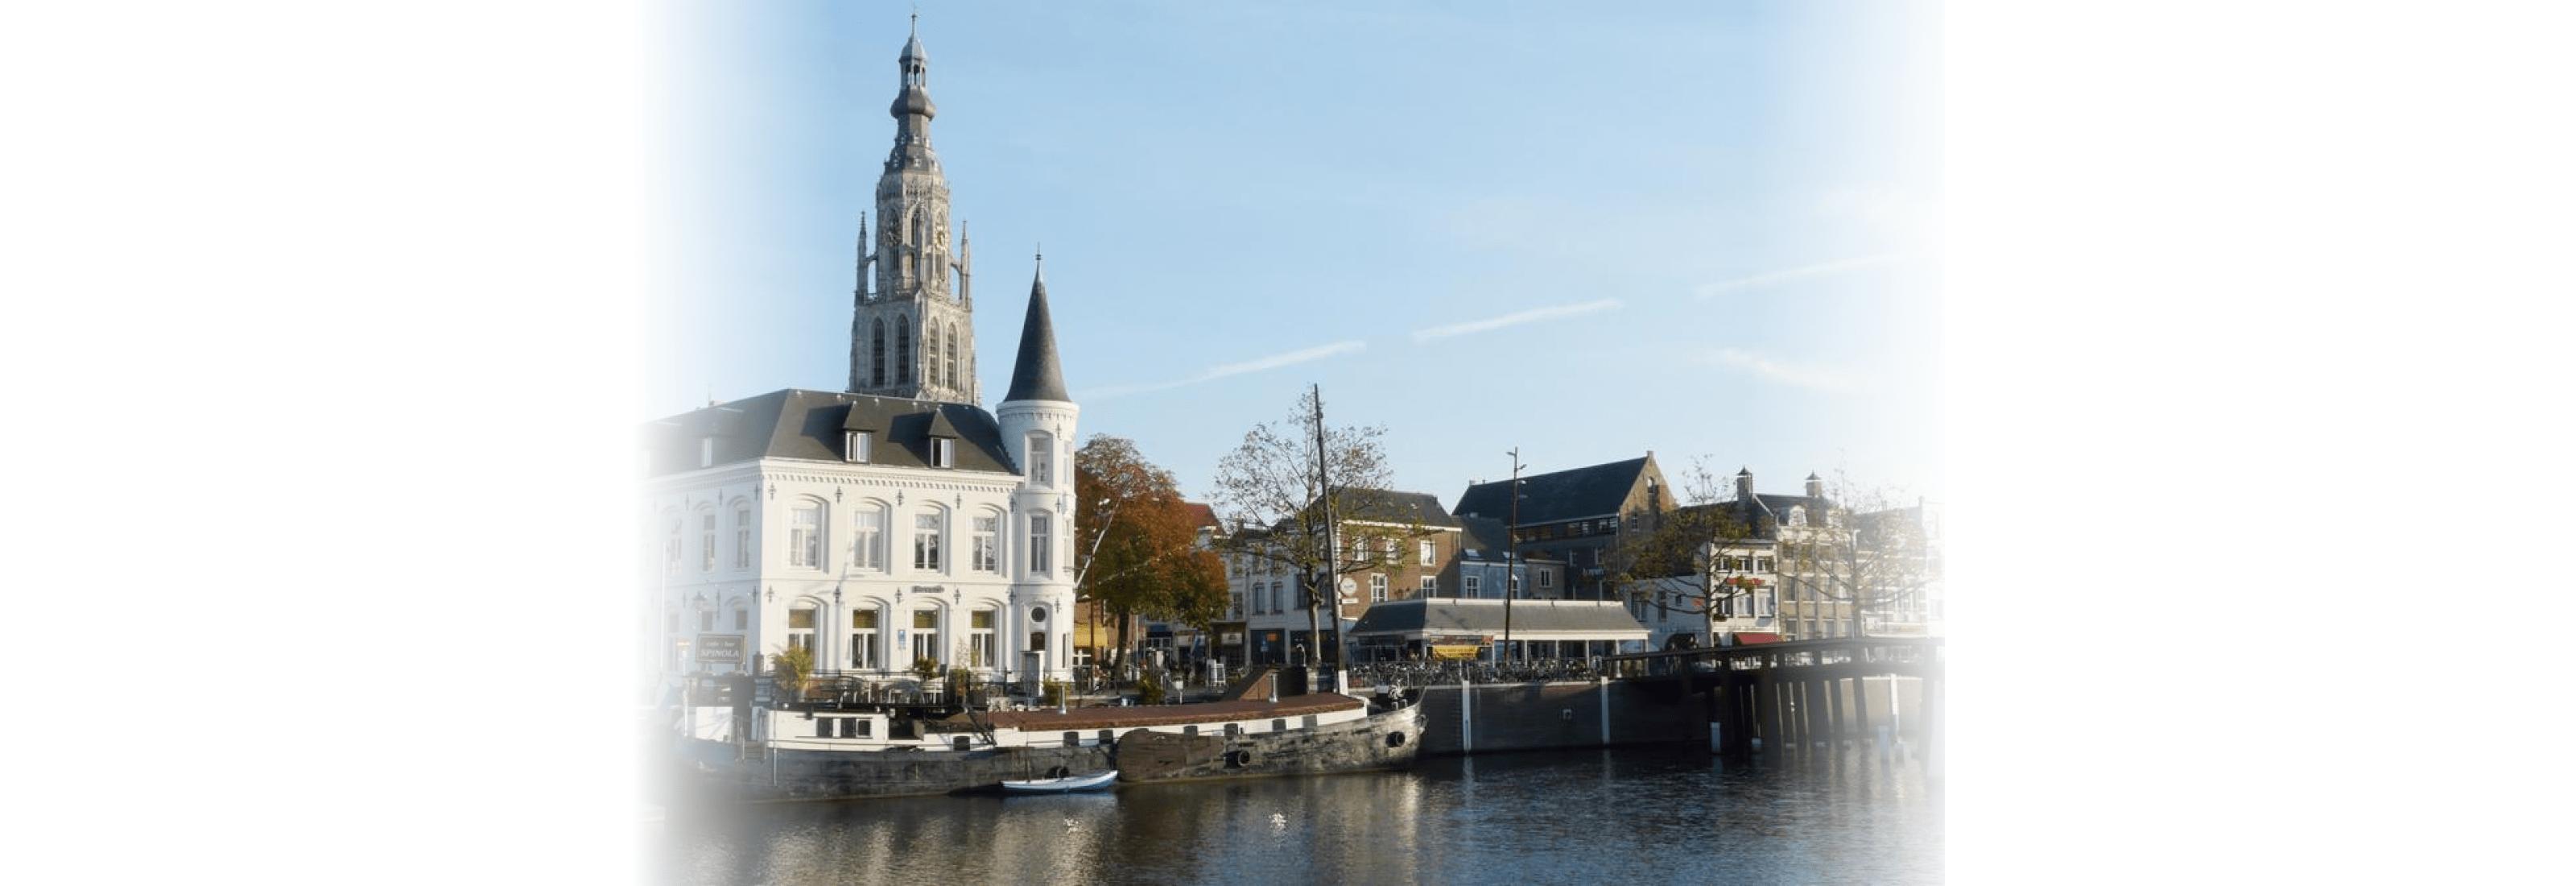 Boekhouden.support - Administratie- en advieskantoor in Breda